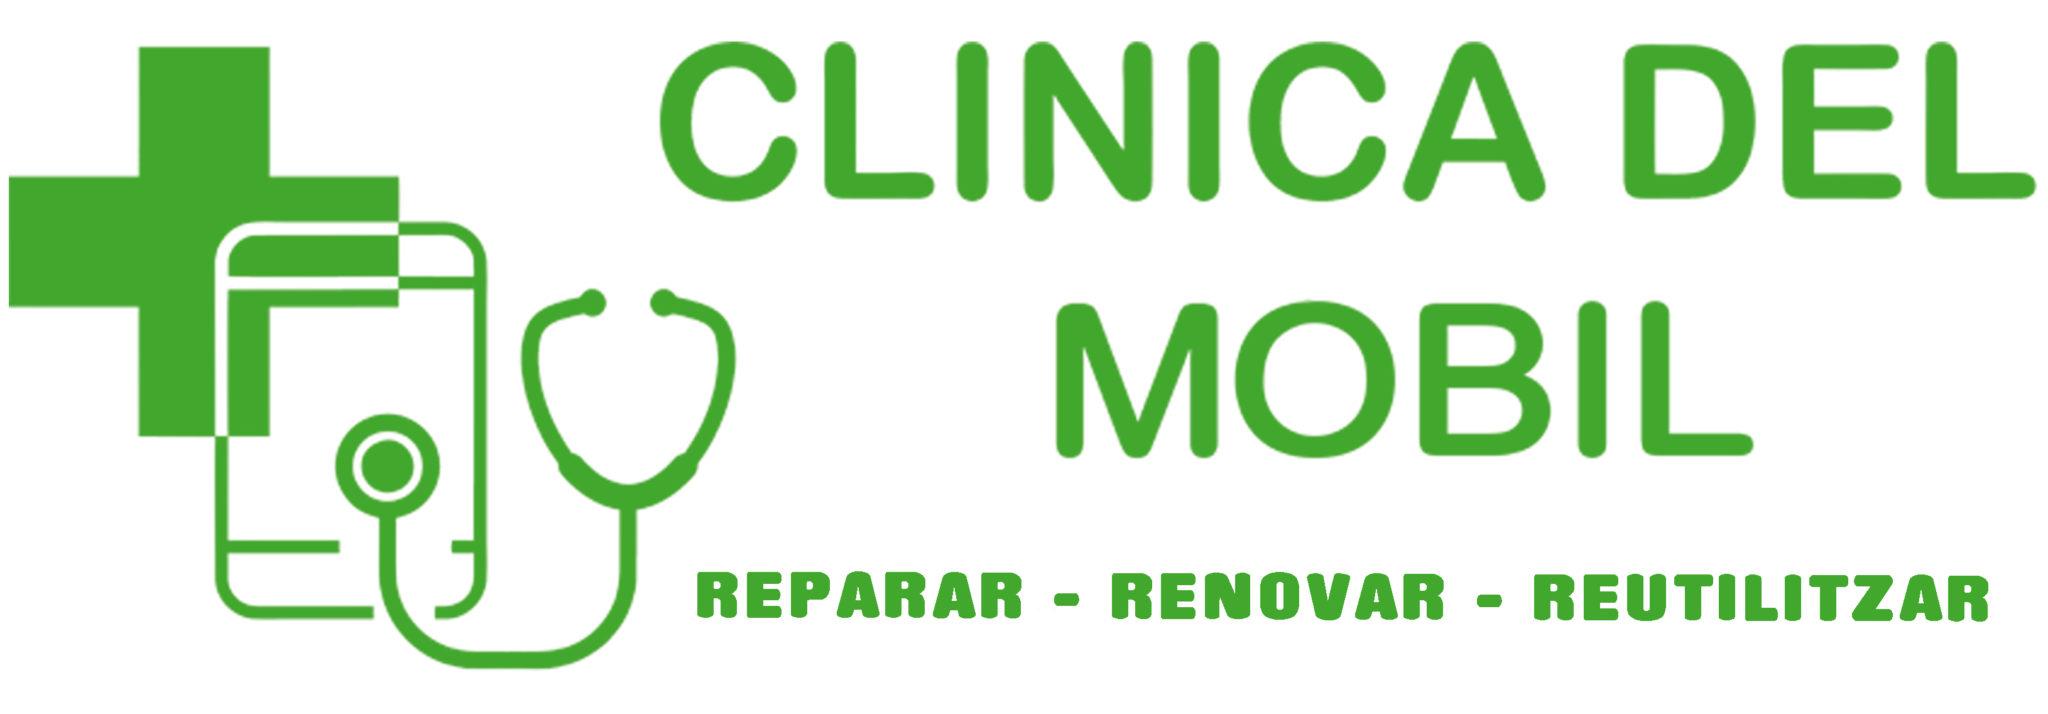 clinica del mobil